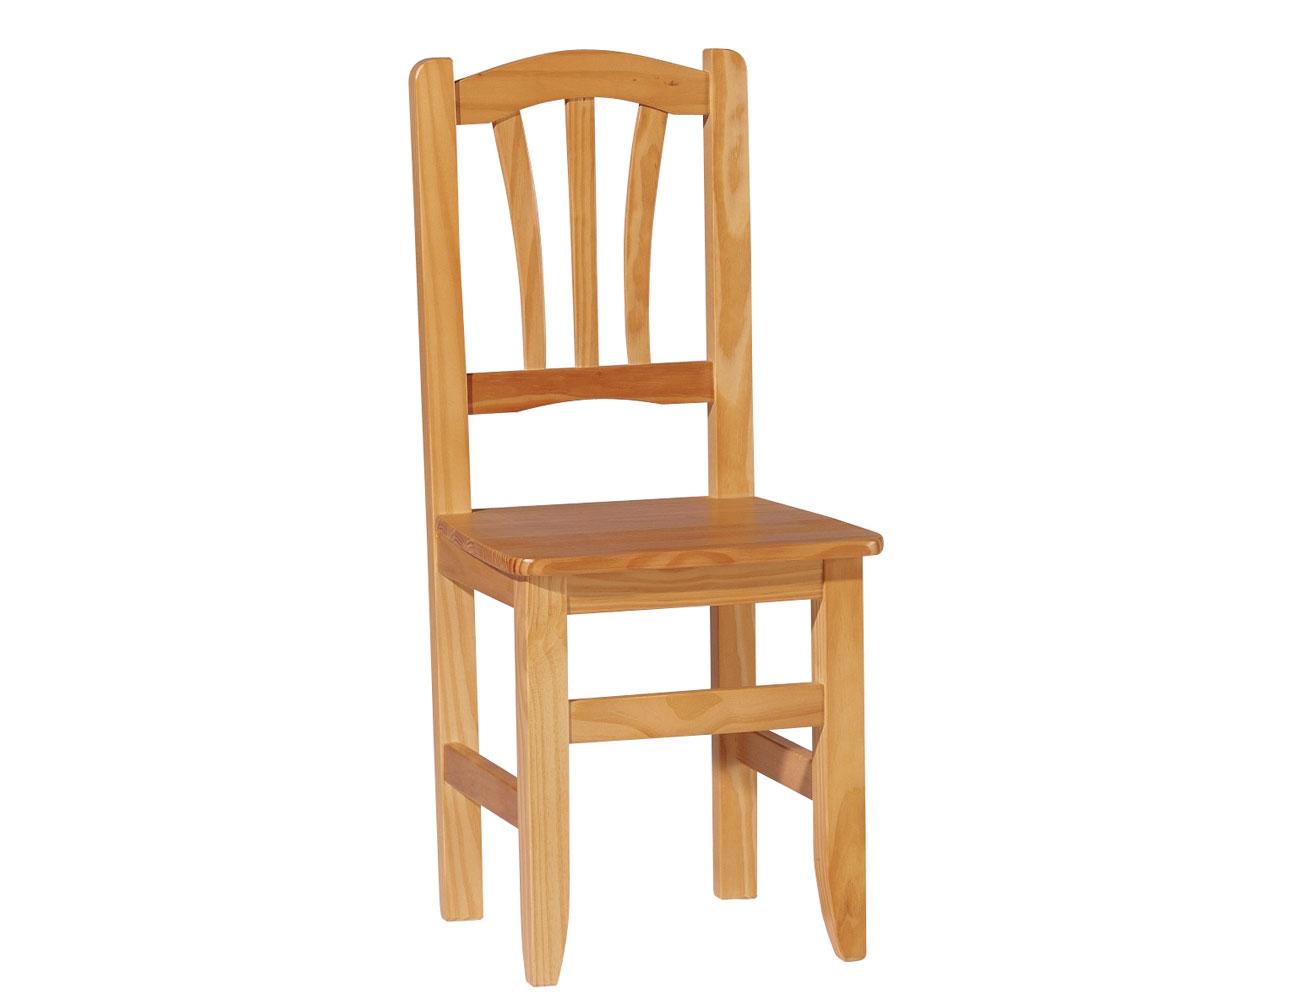 Pack de sillas de madera en color miel (8148) | Factory del Mueble ...